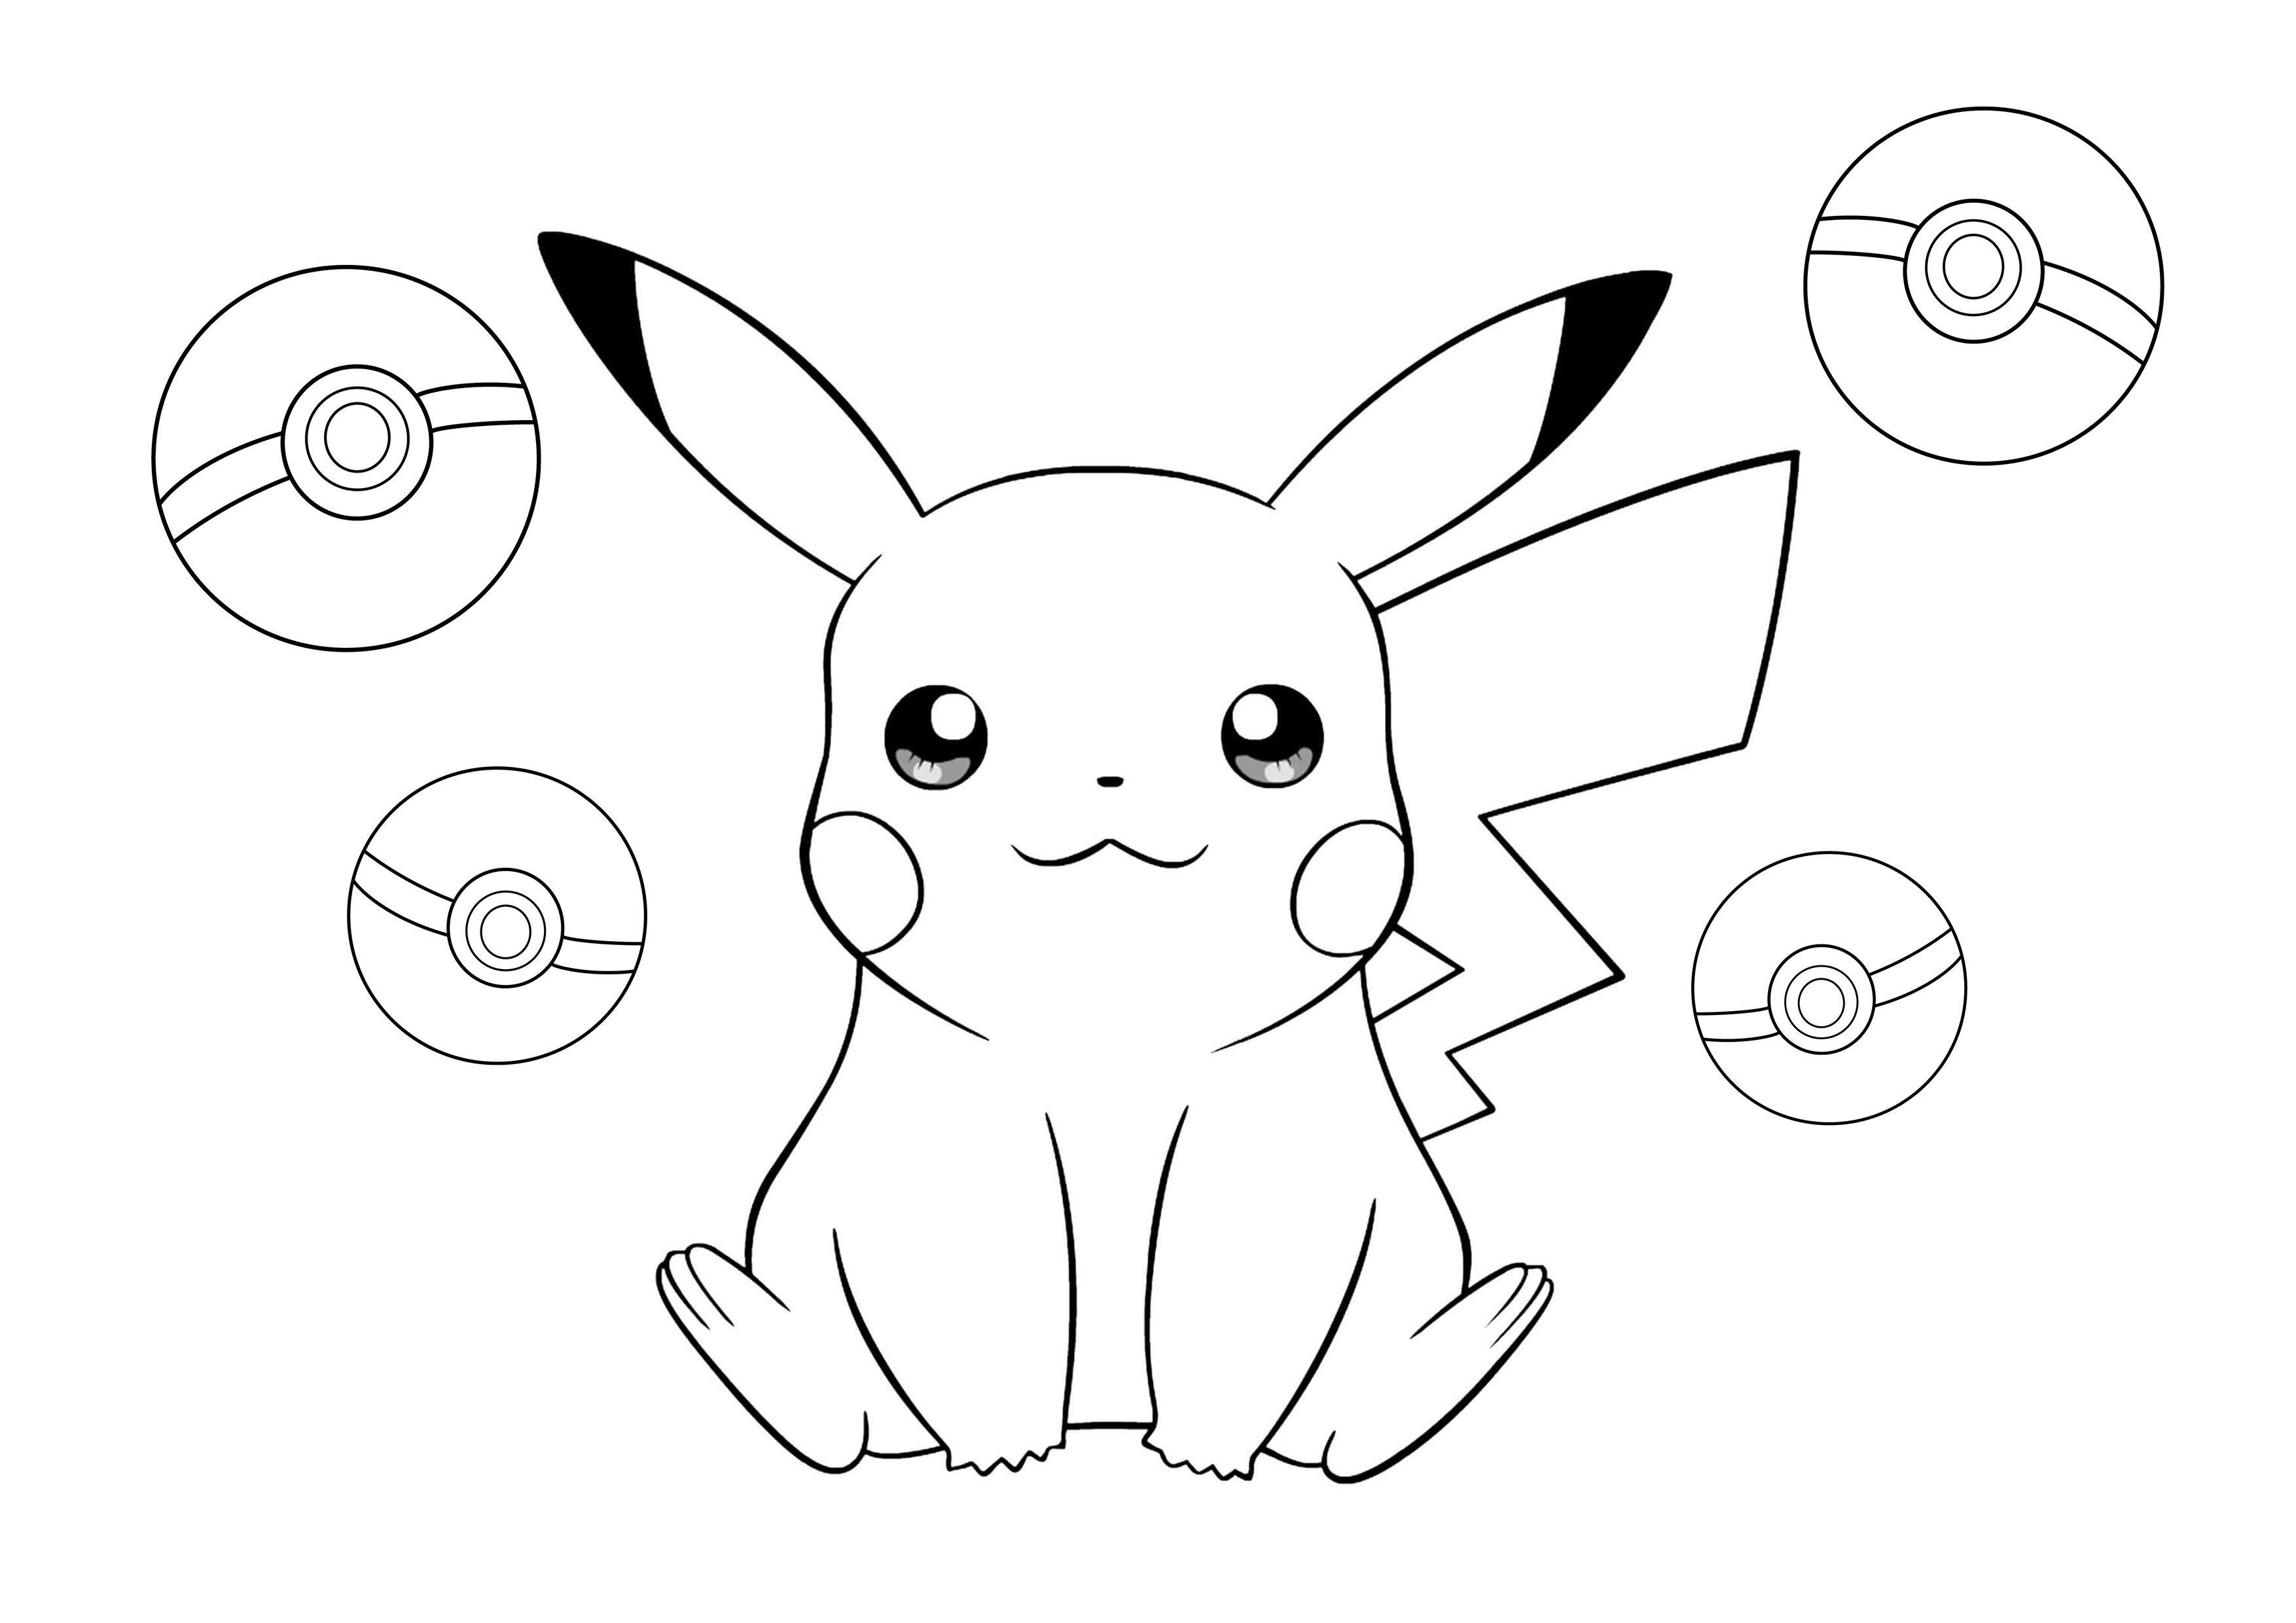 Disegni Da Colorare Di Pokemon.Pokemon Pikachu Disegni Da Colorare Coloring Pages Pikachu